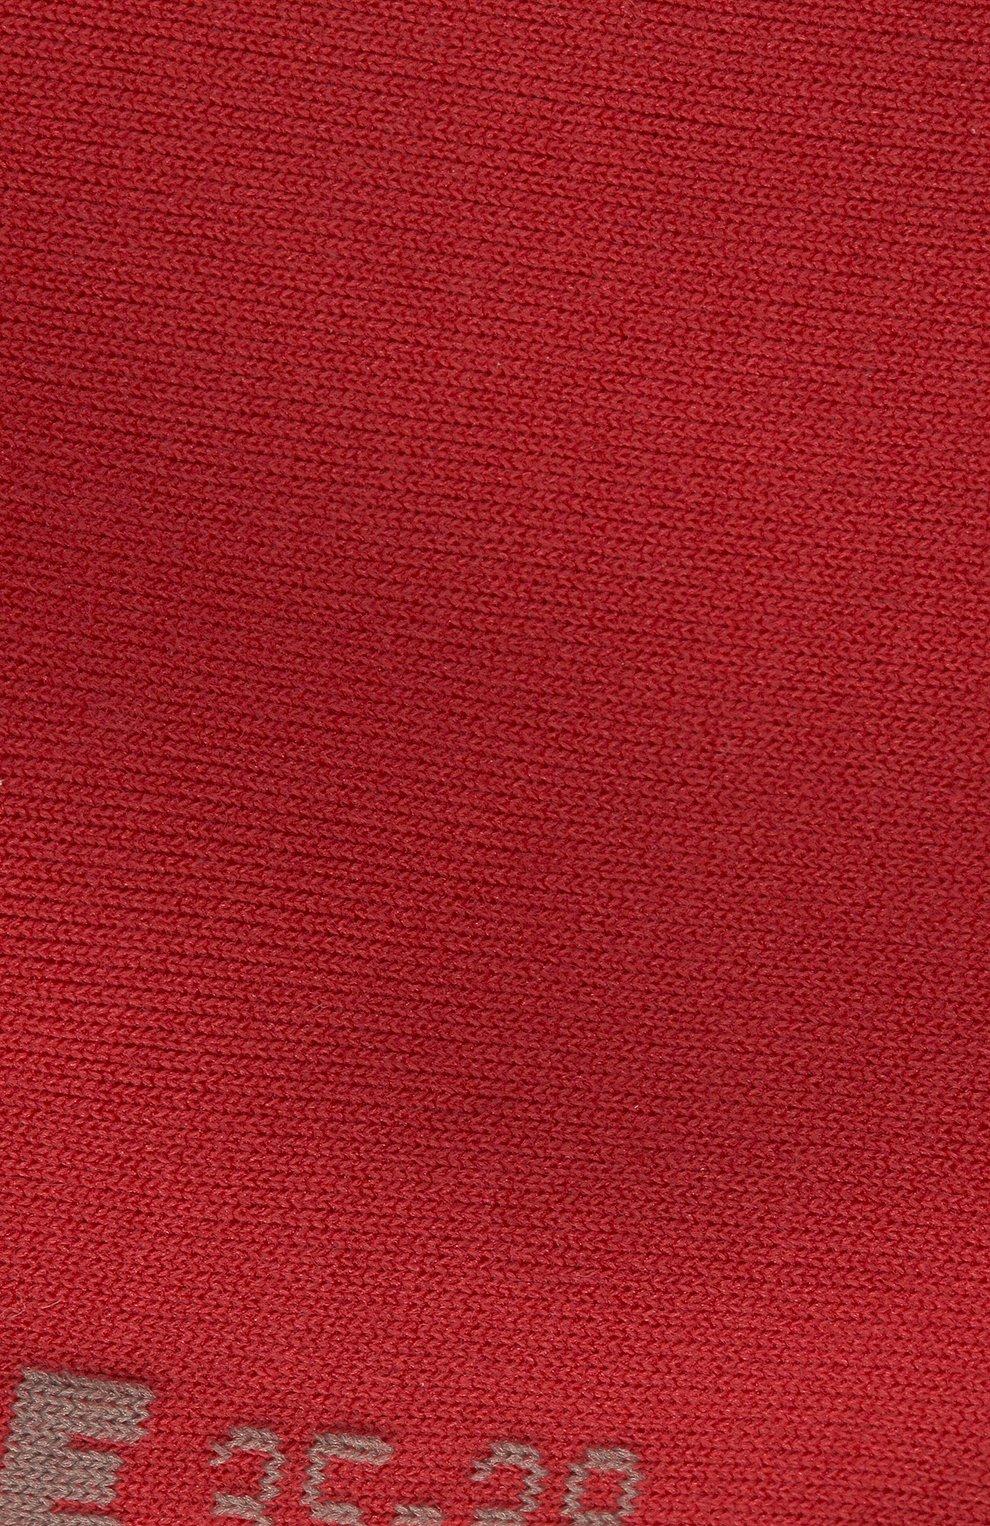 Женские хлопковые носки cotton touch FALKE красного цвета, арт. 47673_ | Фото 3